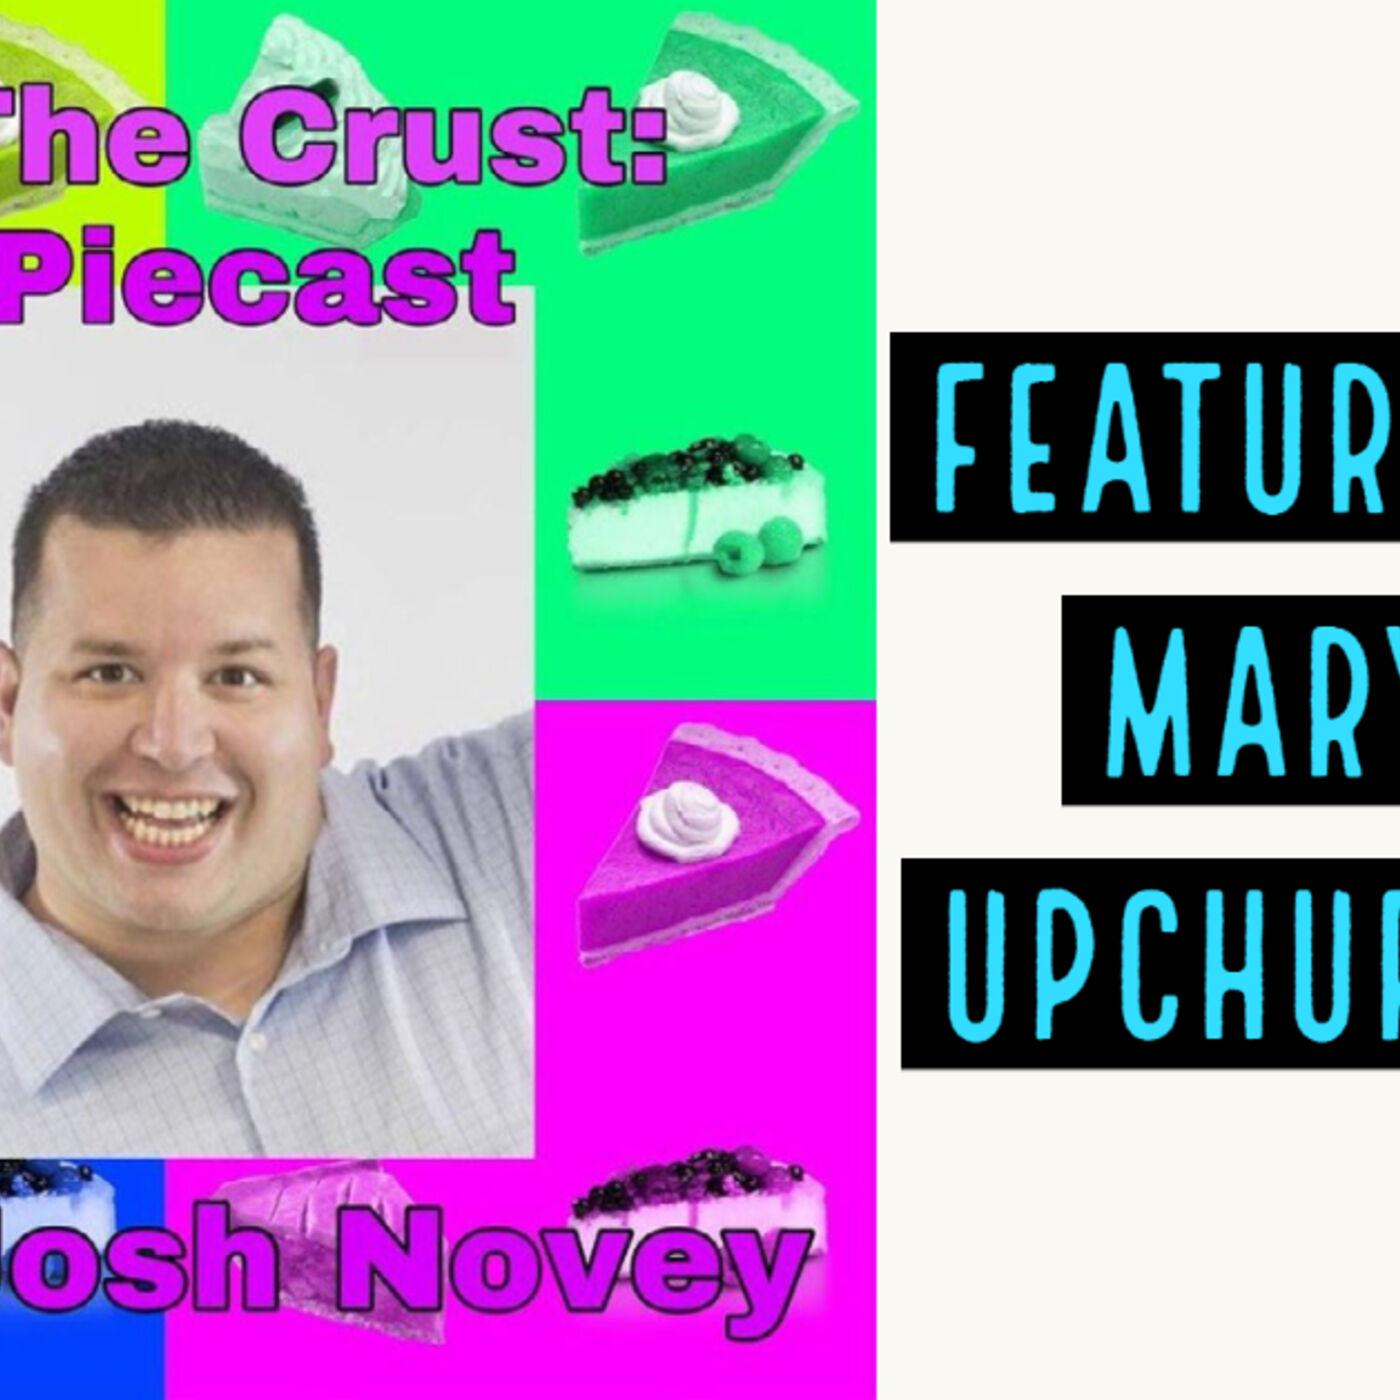 Mary Upchurch